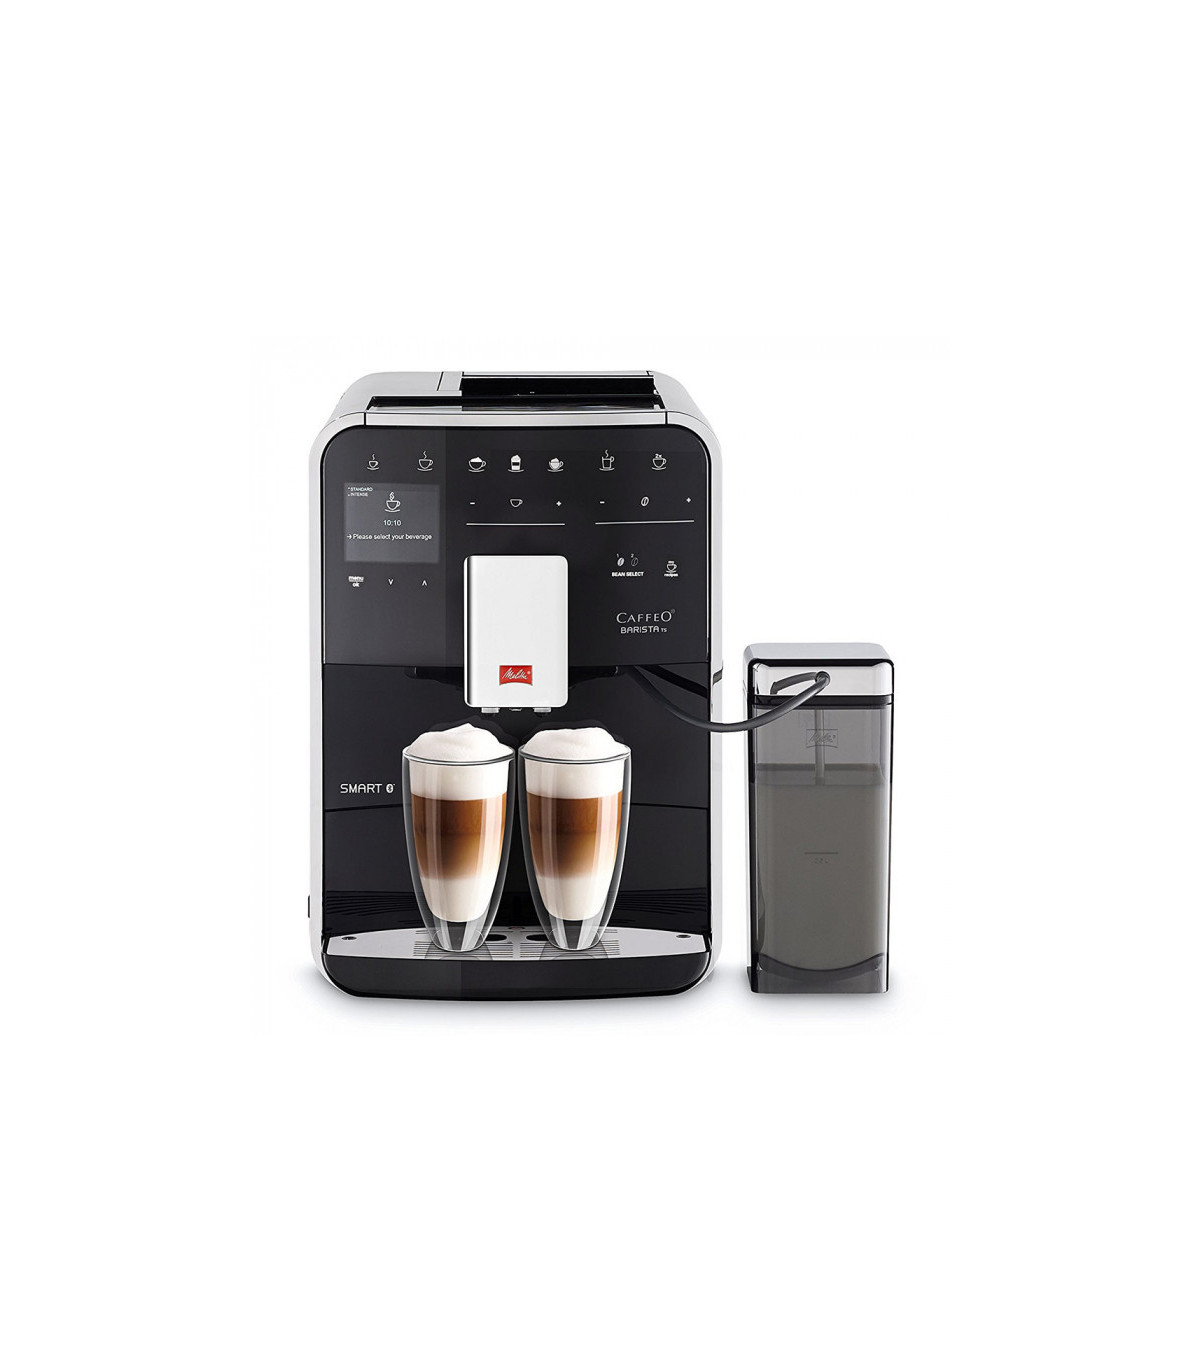 hinnavaatlus melitta kohvimasin f85 0 102 barista ts smart. Black Bedroom Furniture Sets. Home Design Ideas